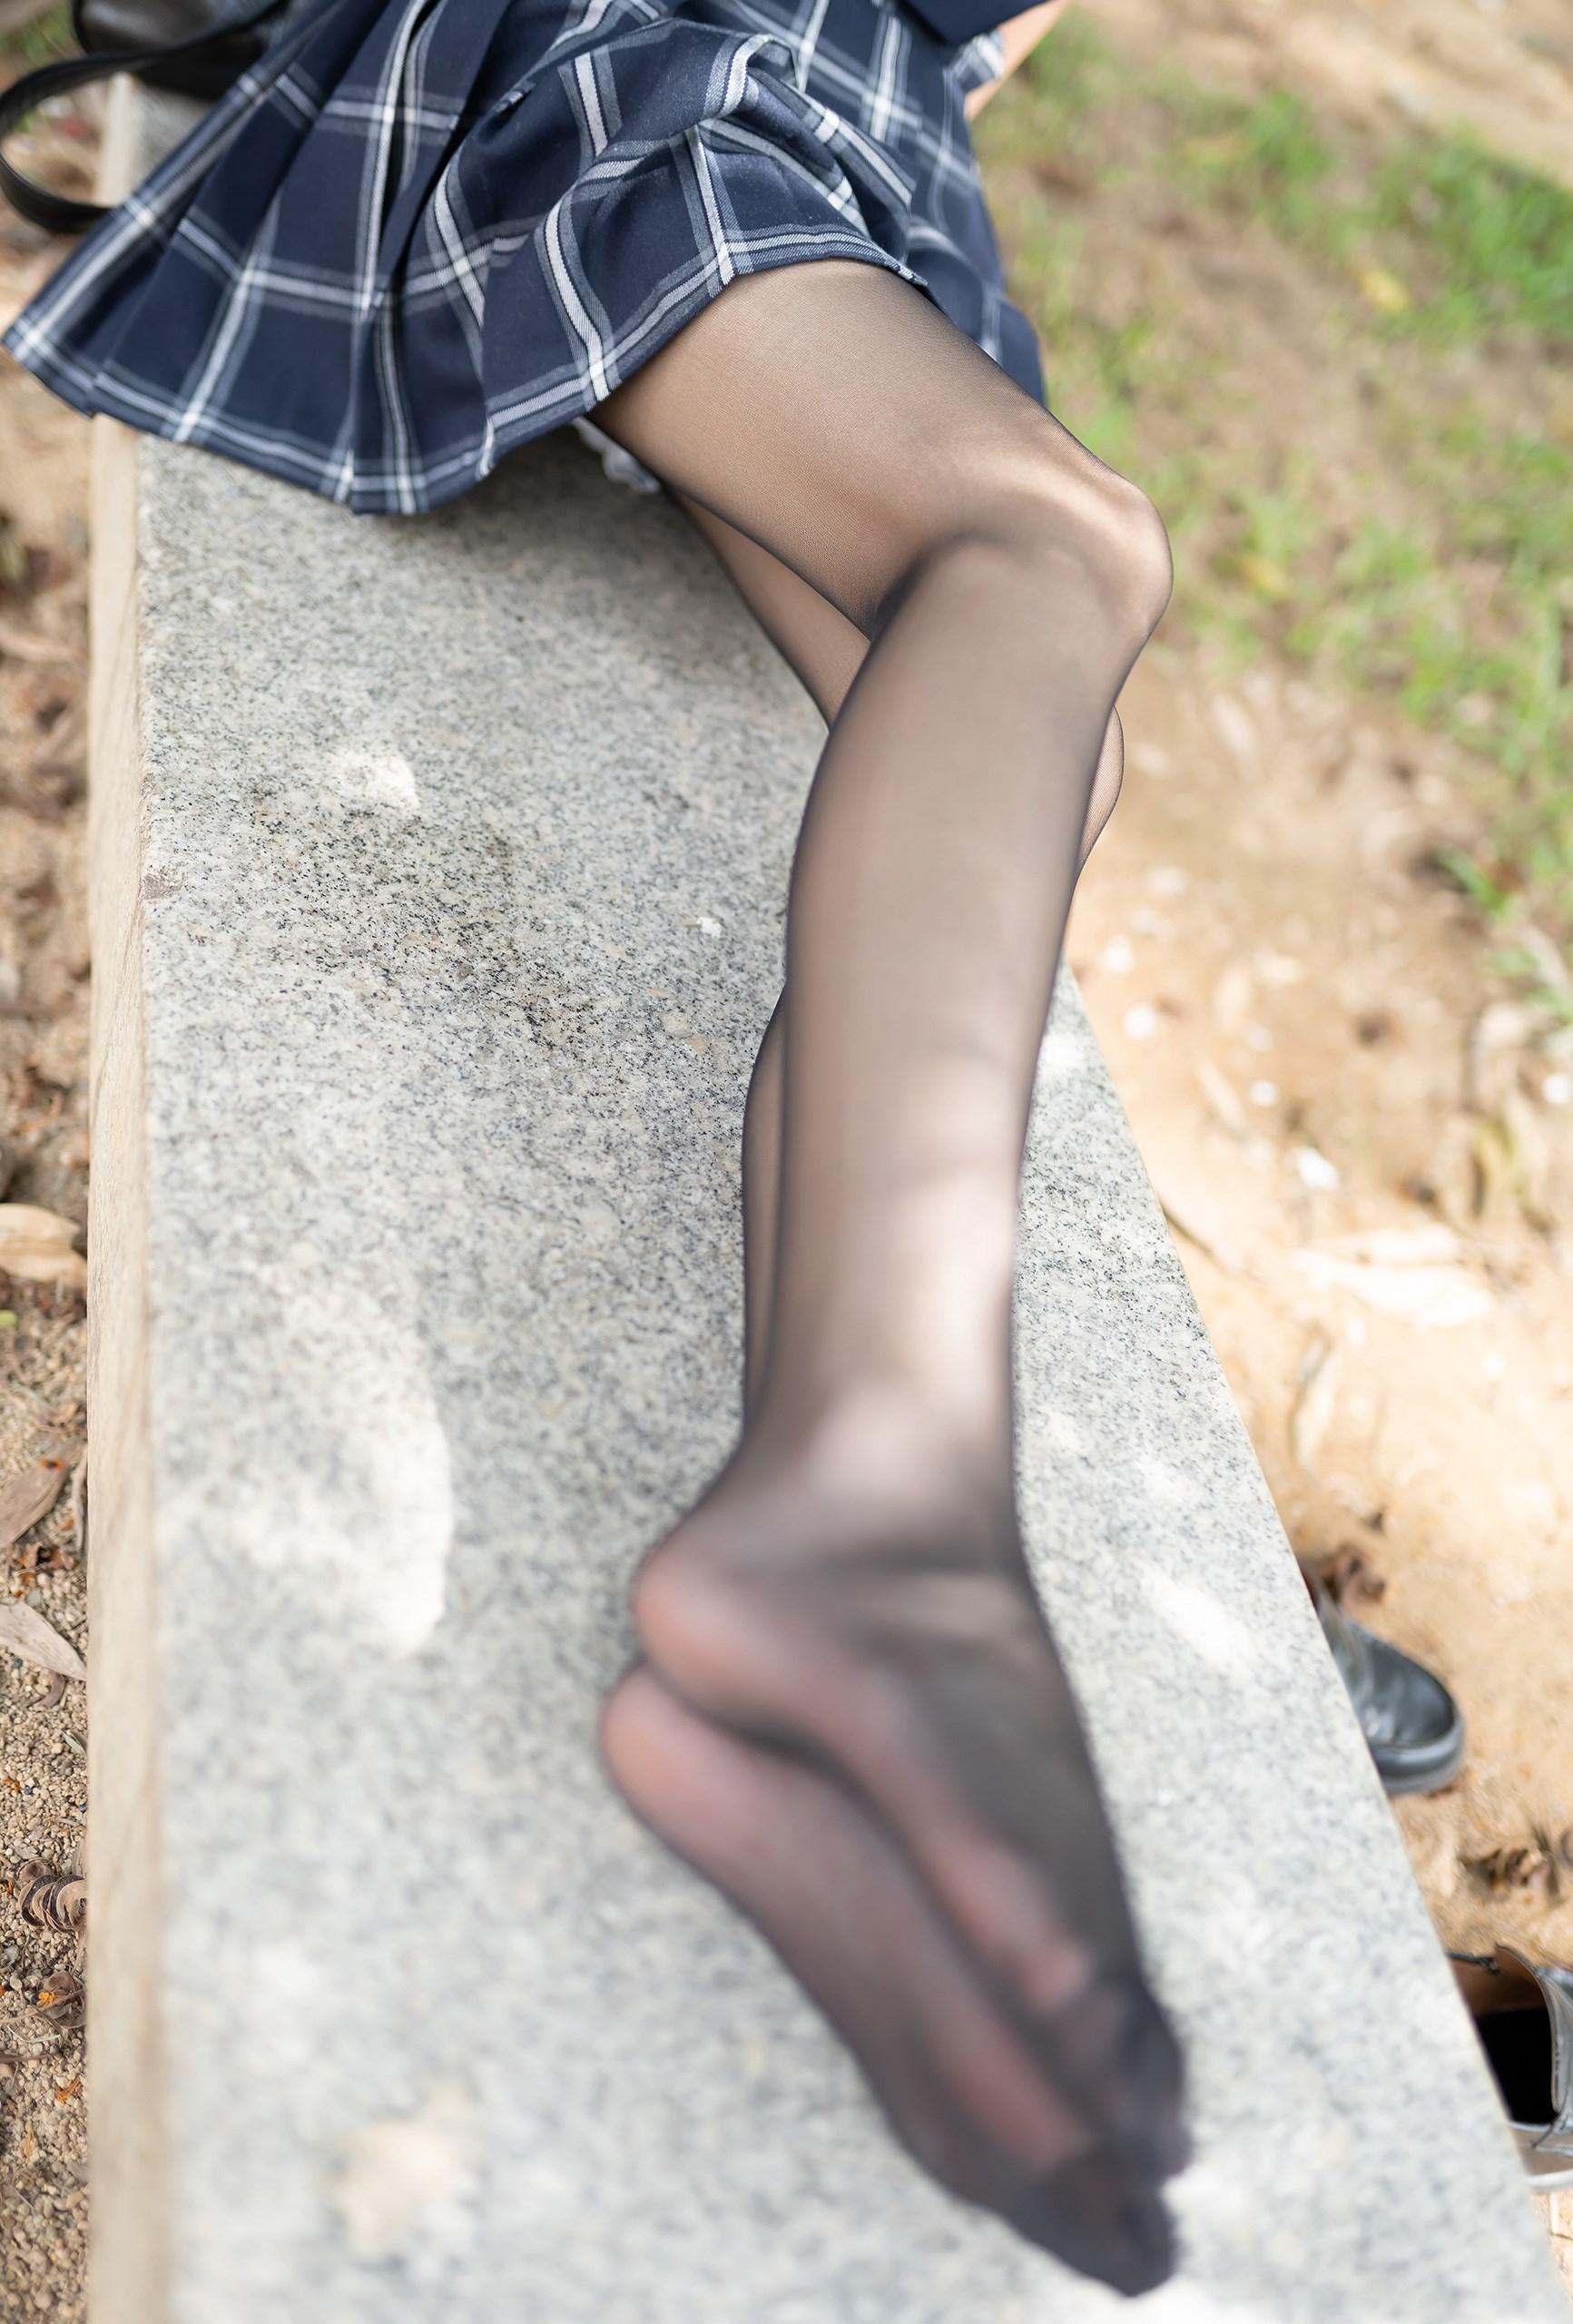 【兔玩映画】格裙黑丝 兔玩映画 第33张